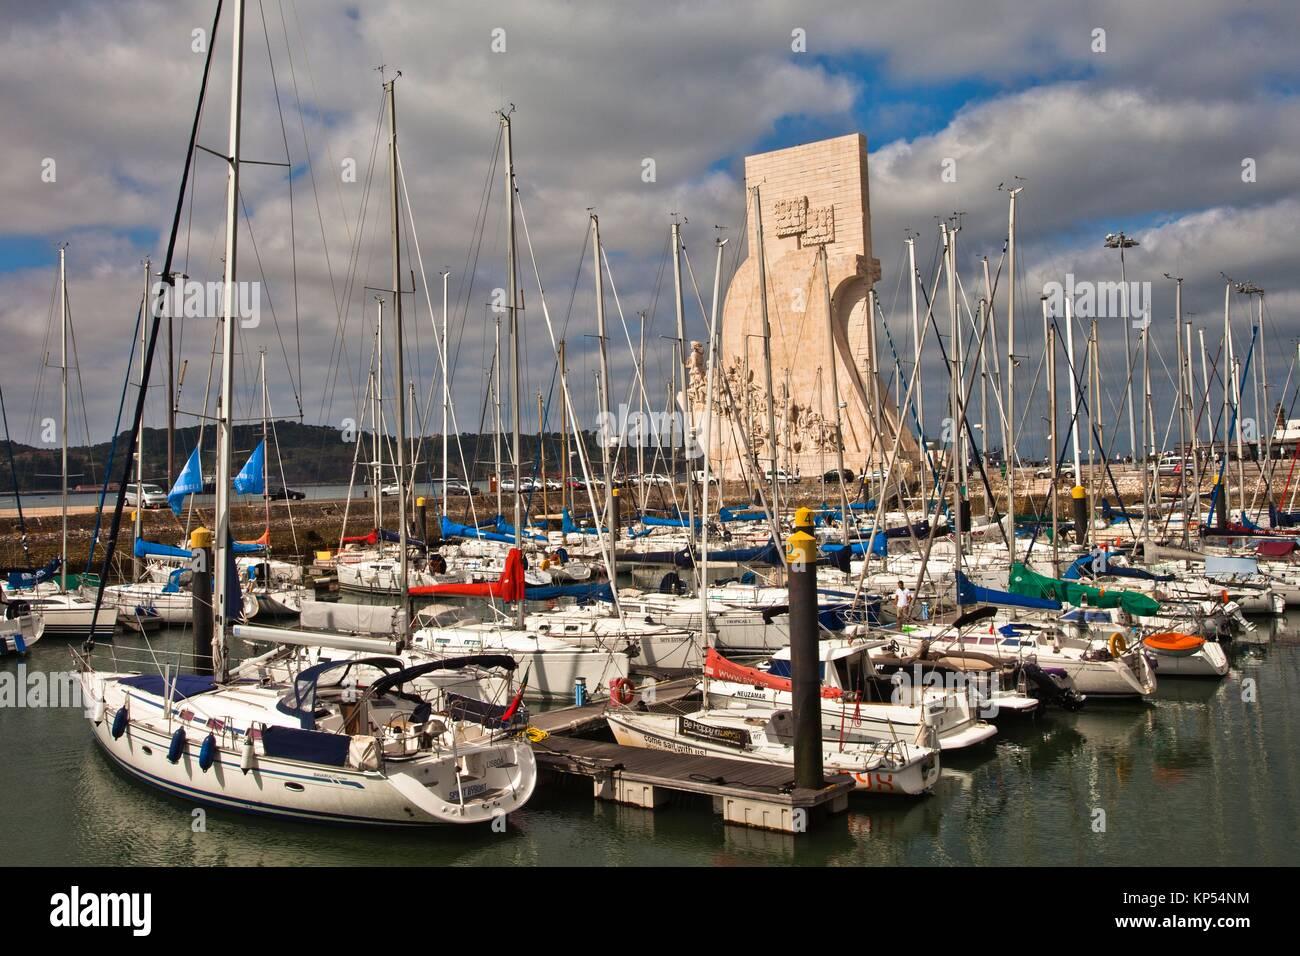 Marina de Belém harbour, on background Monument to the Discoveries, Santa Maria de Belém district, Lisbon, - Stock Image